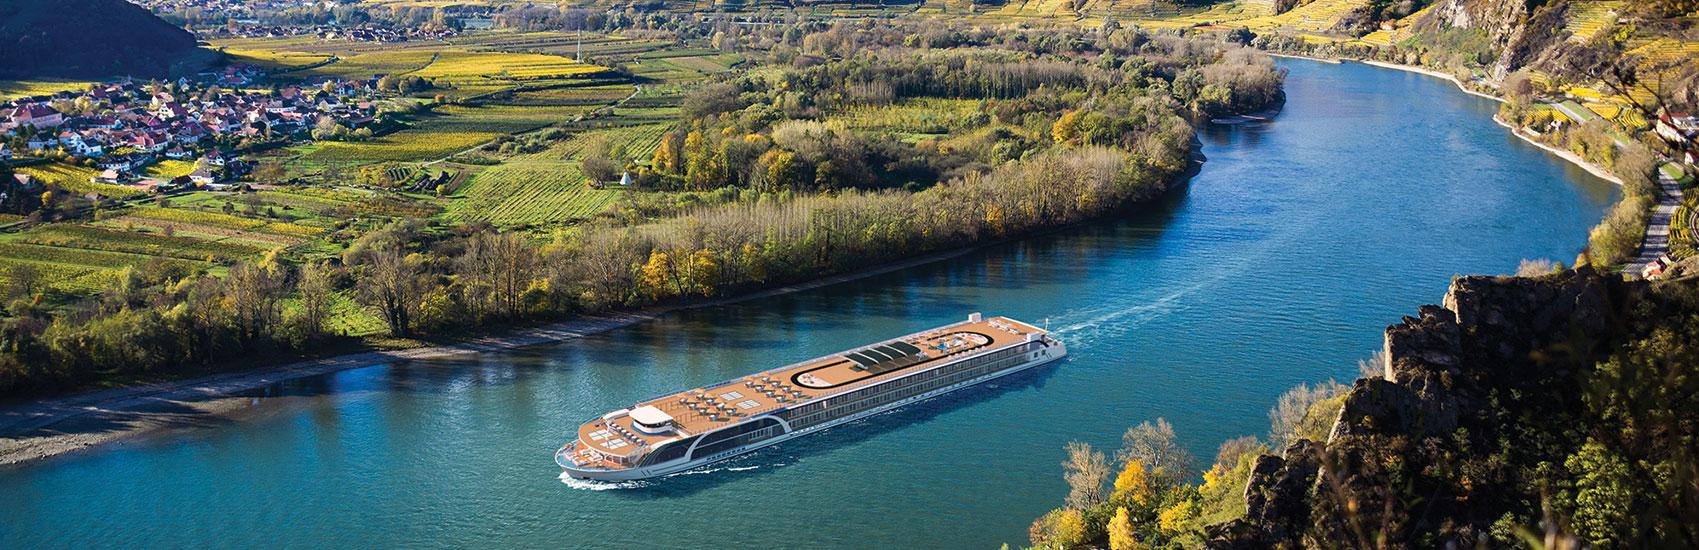 Savings on European River Cruising with AmaWaterways 2